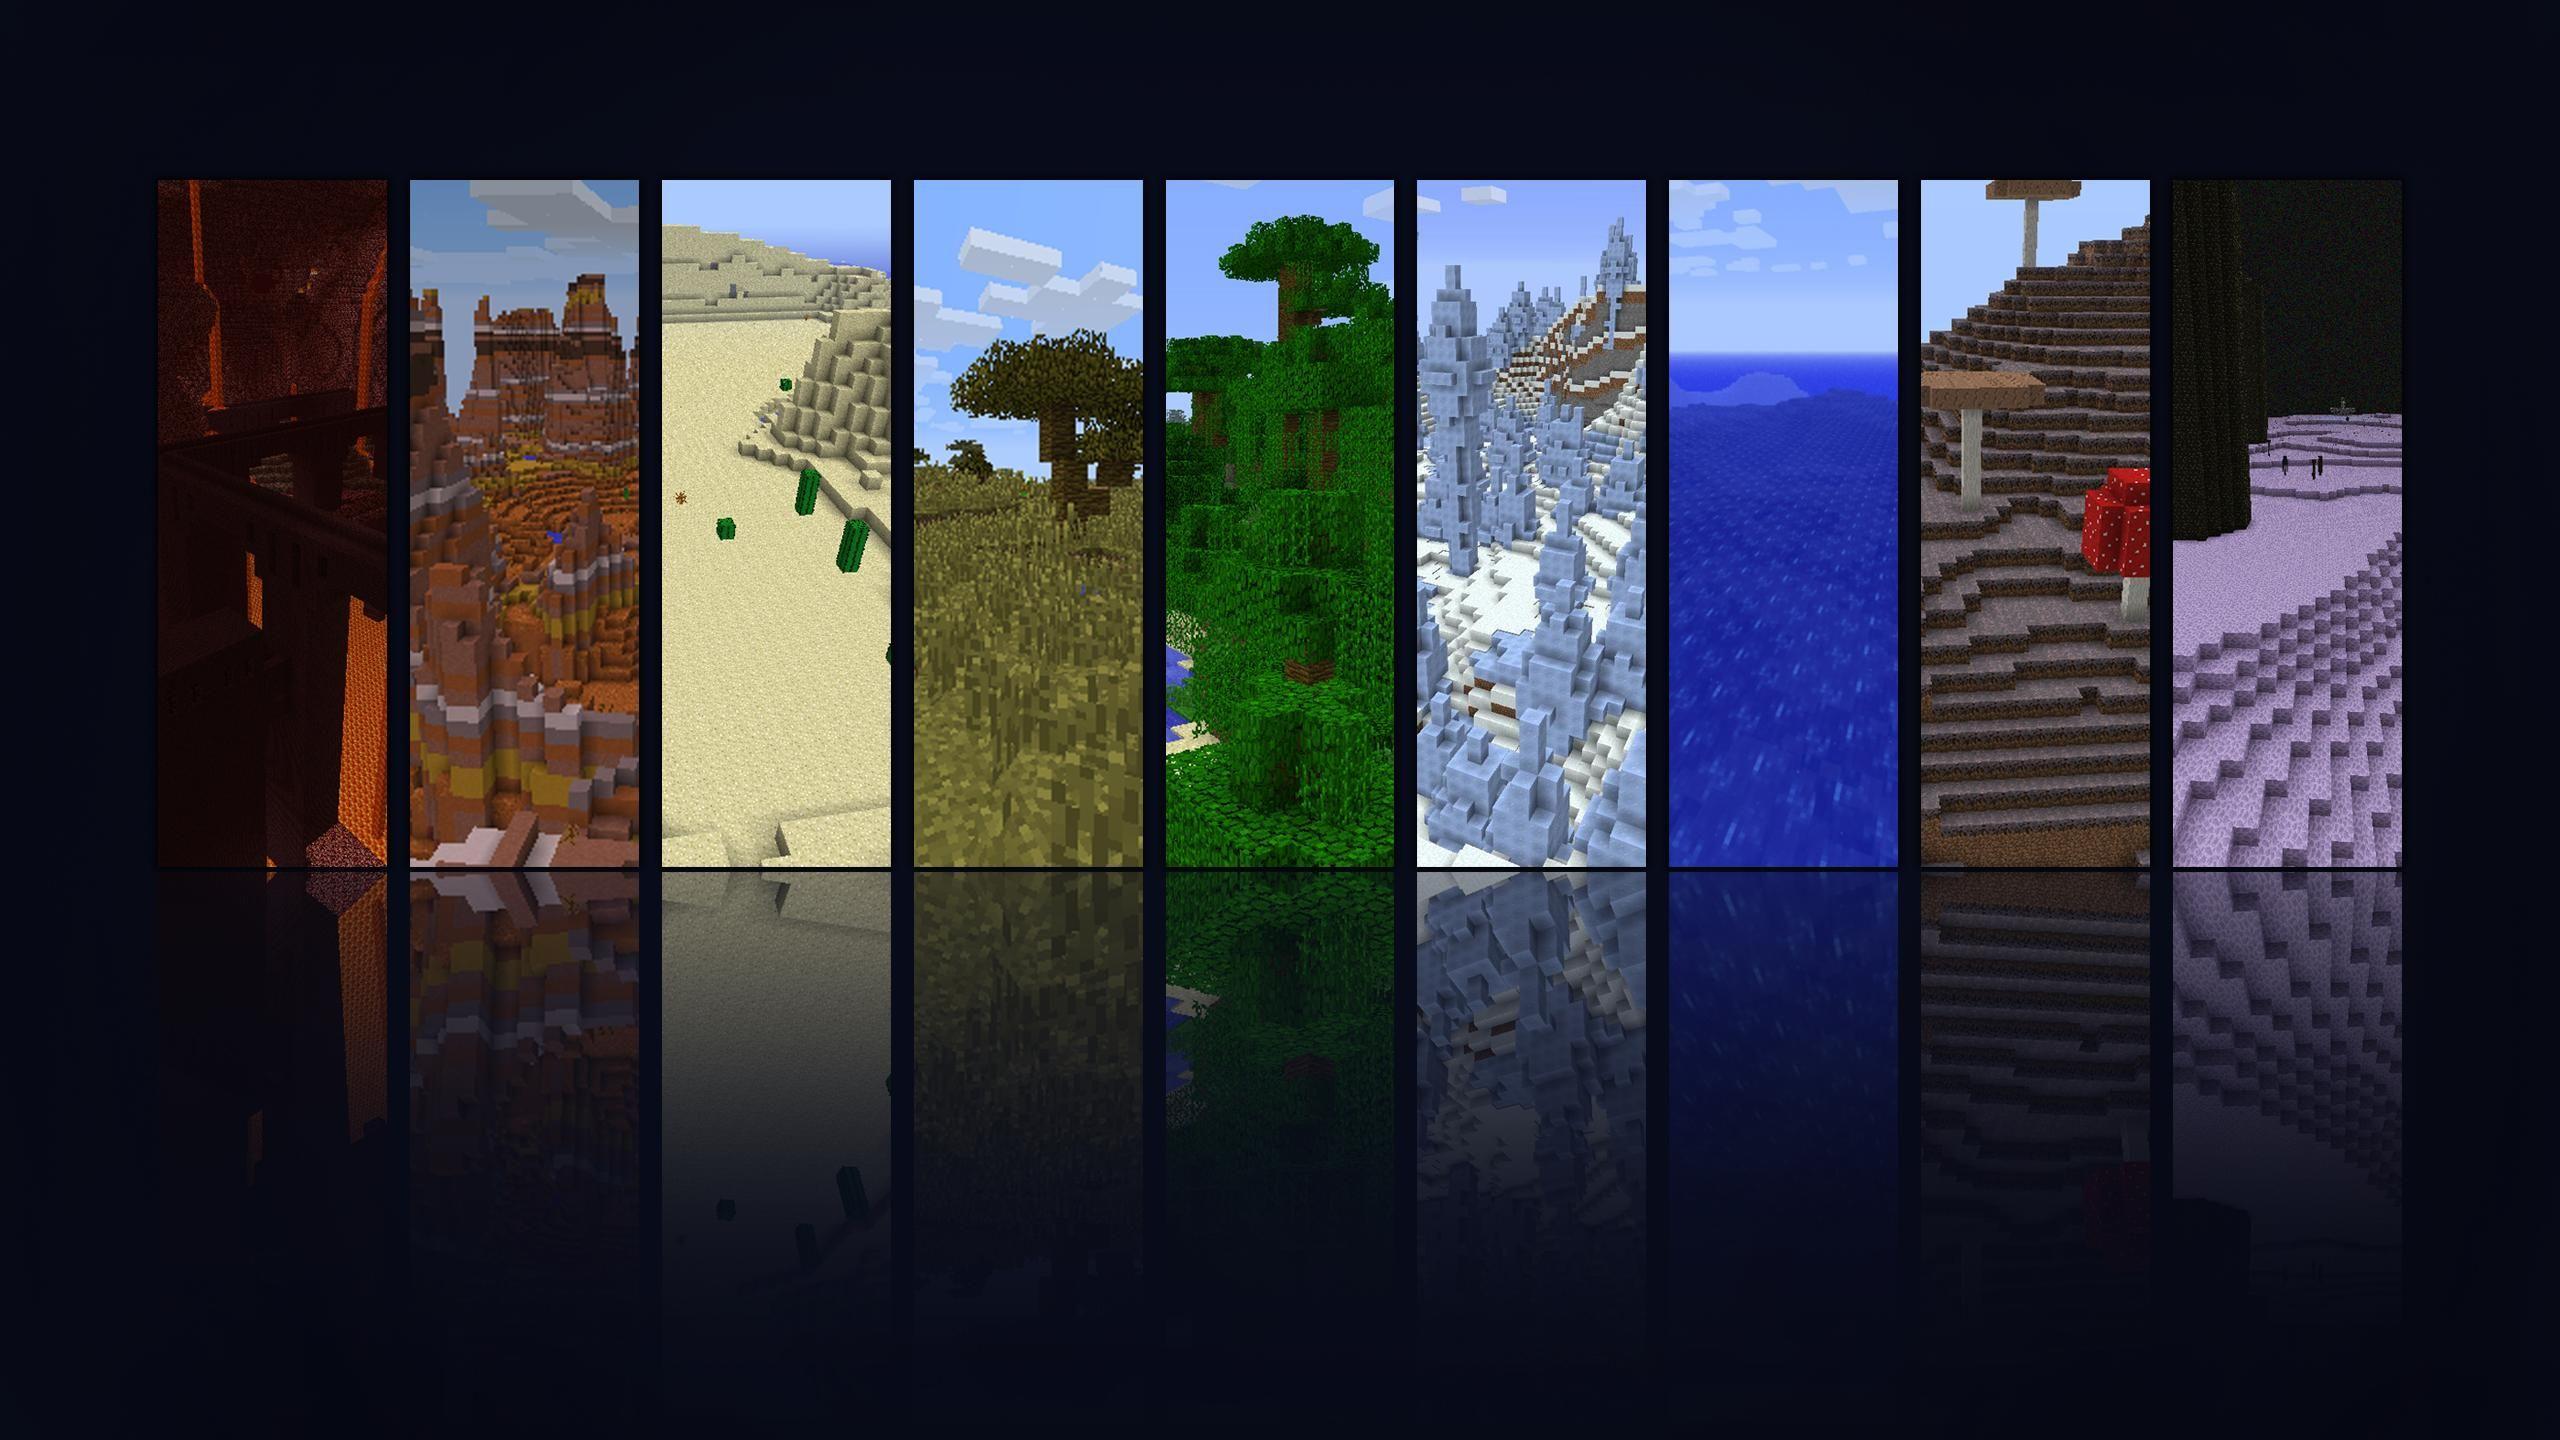 Fantastic Wallpaper Minecraft Art - 24b45c21d593649db3b64a08d7fff344  Image_988176.jpg